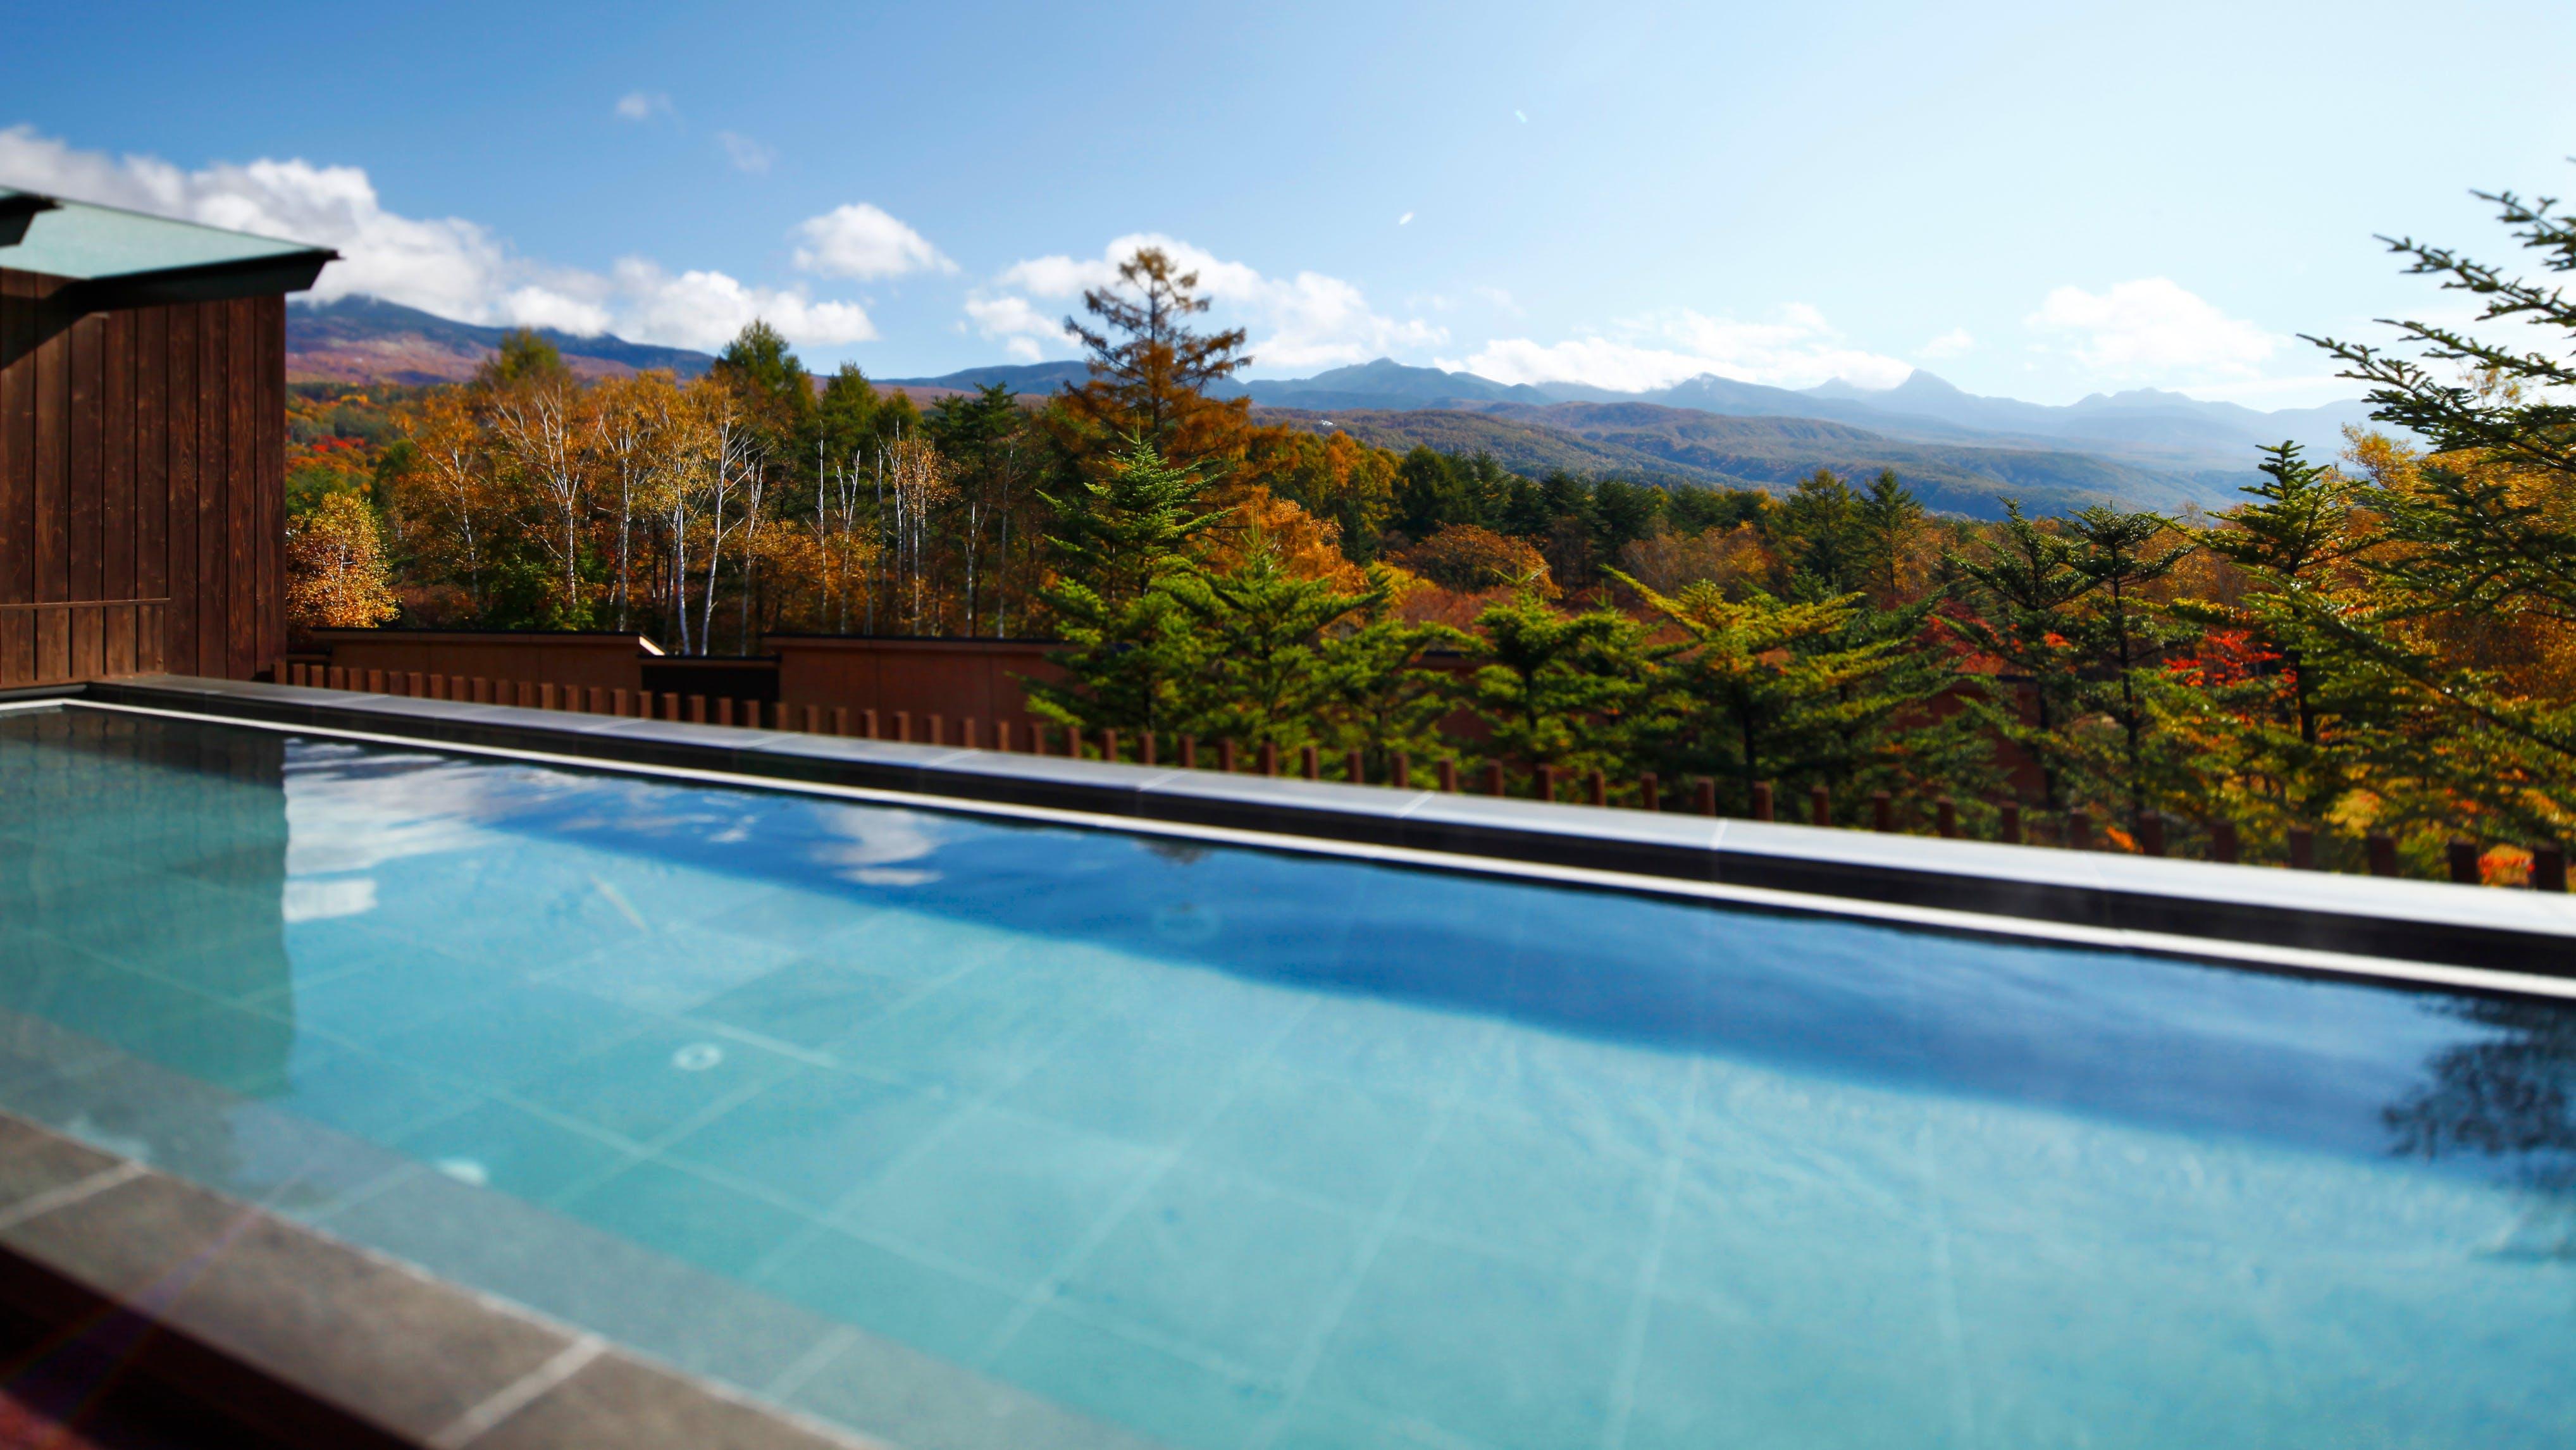 蓼科の絶景を望むパノラマ露天風呂で、紅葉と星空に抱かれる